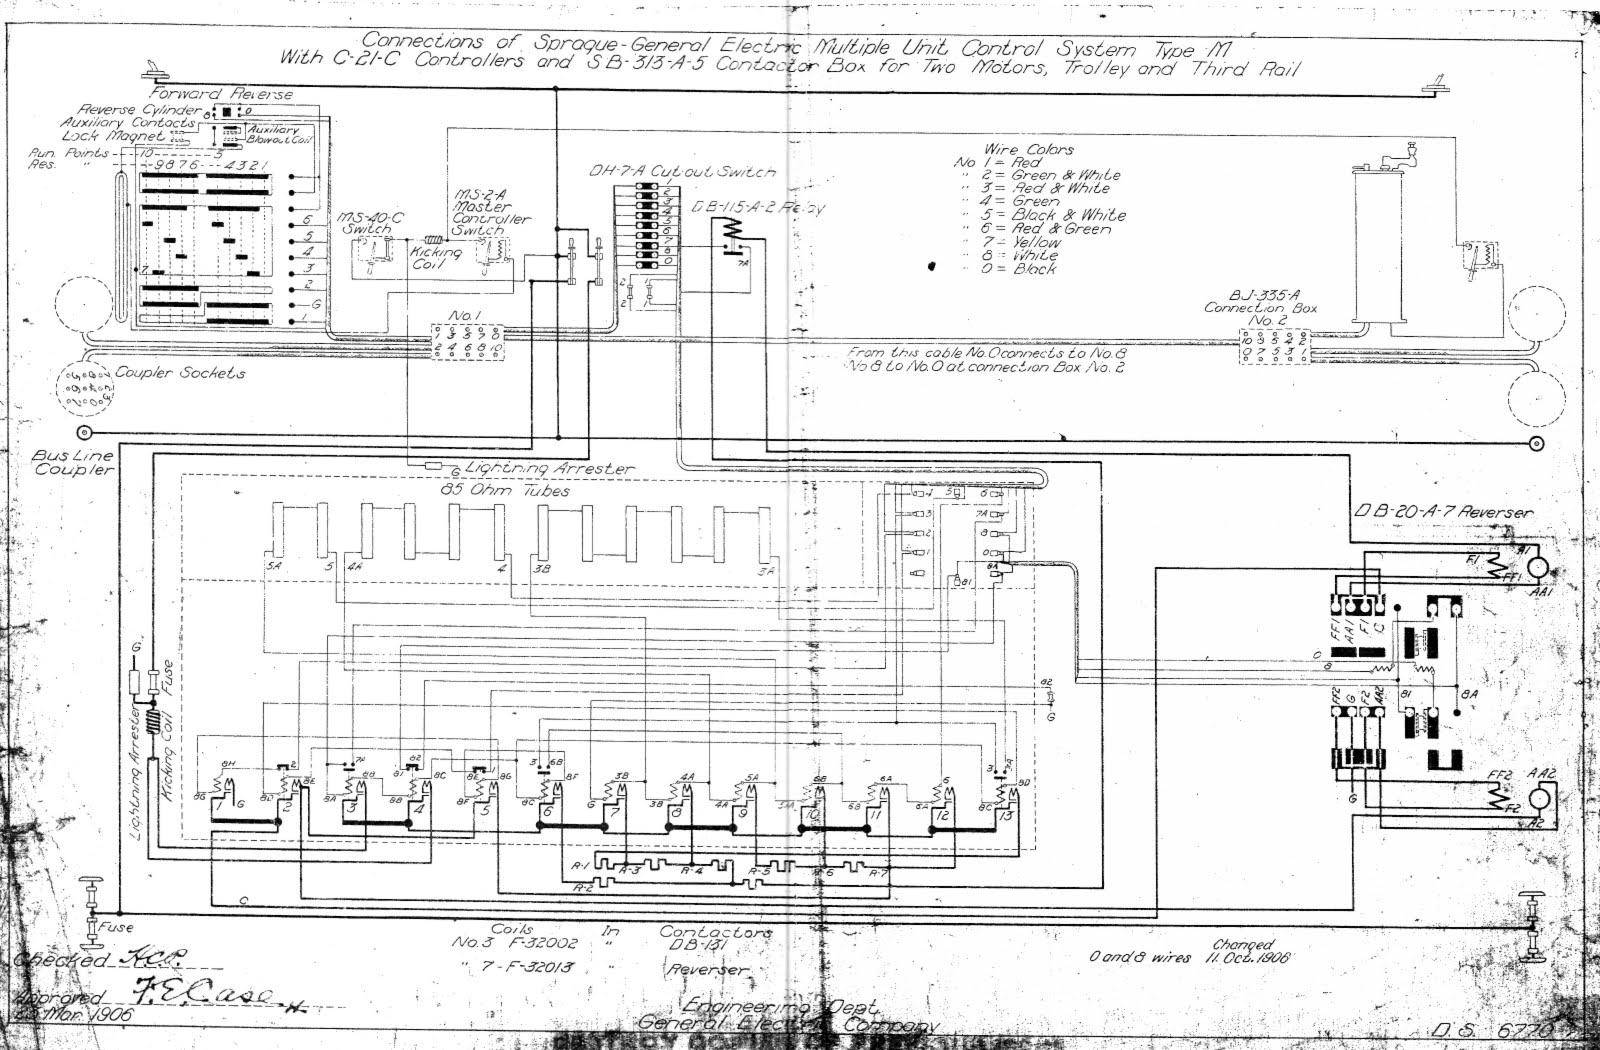 tata truck wiring diagram